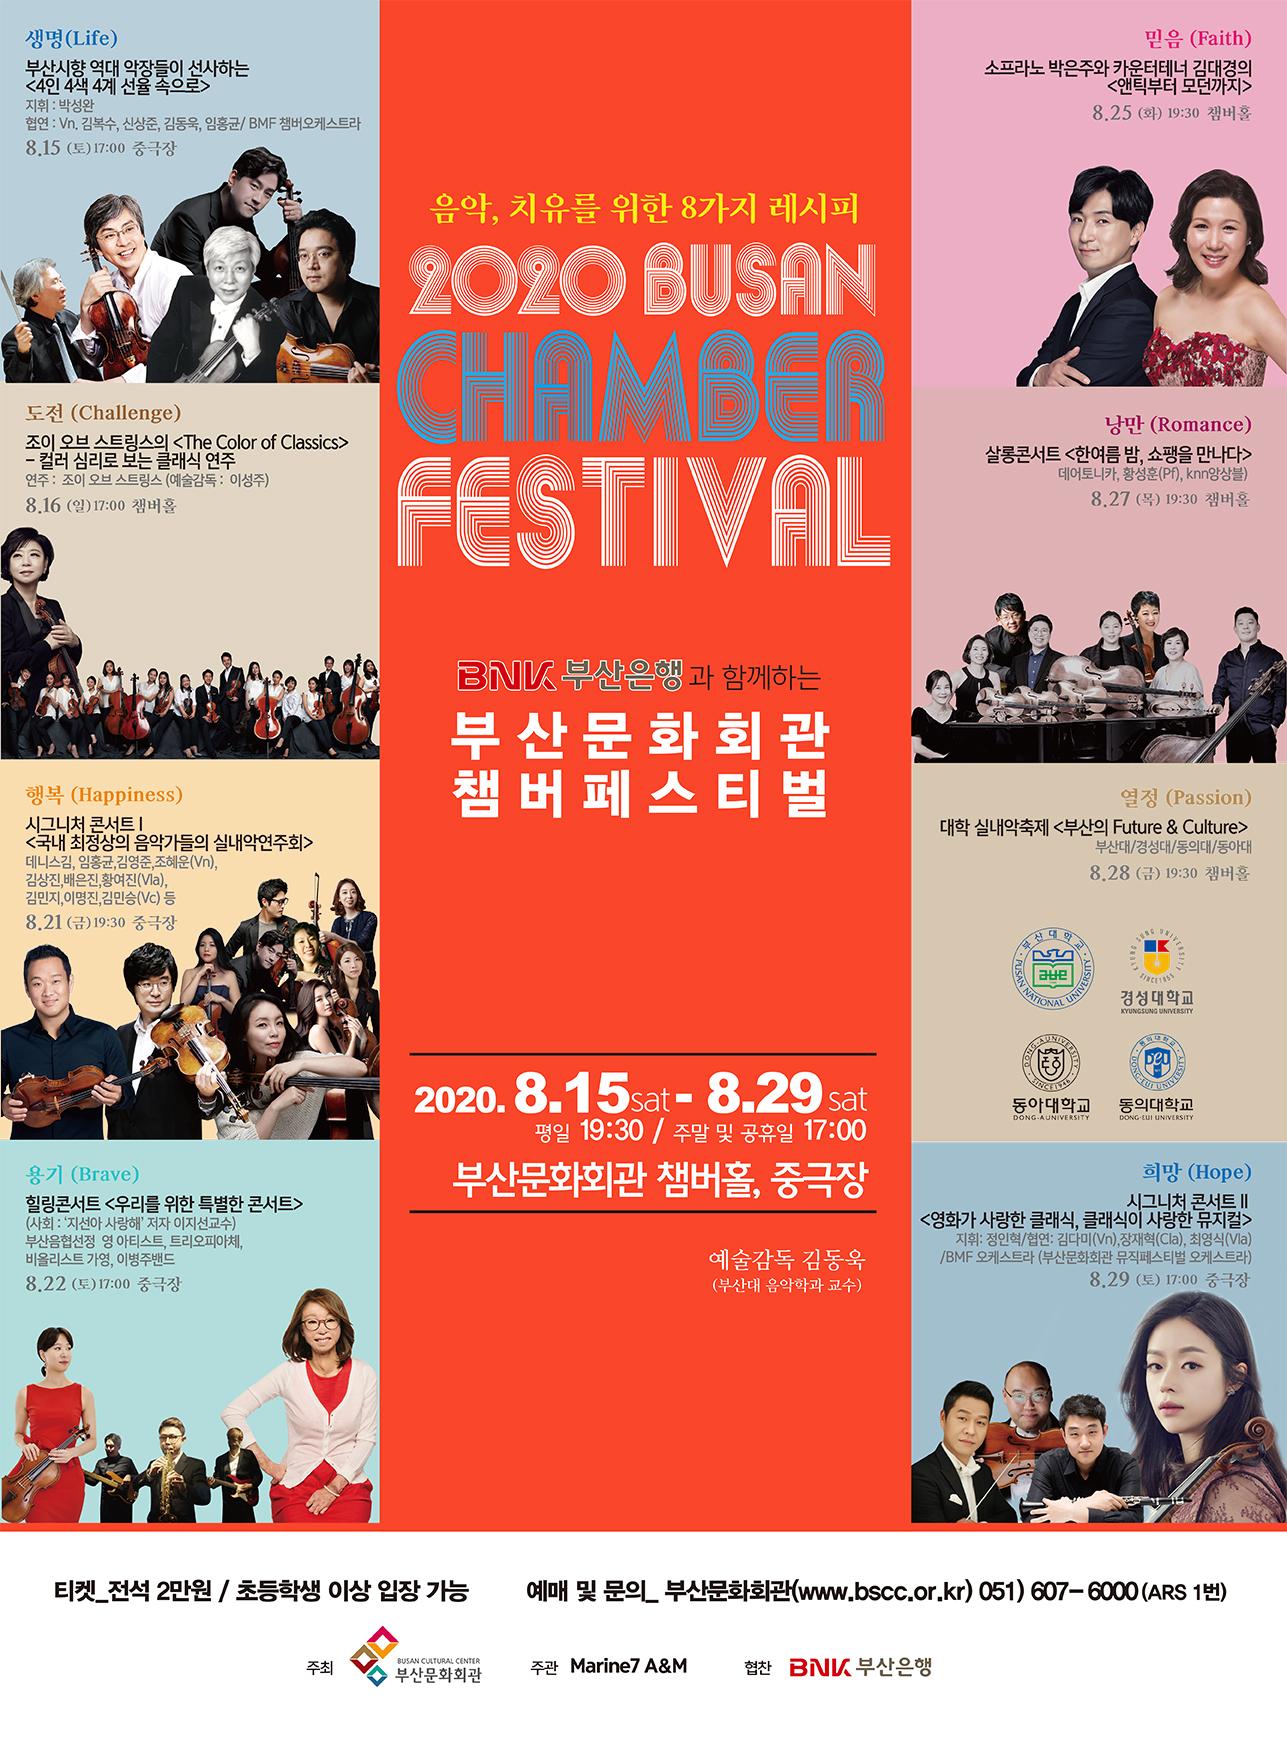 <2020 부산문화회관 챔버페스티벌>'소프라노 박은주와 카운터테너 김대경의 엔틱부터 모던까지'